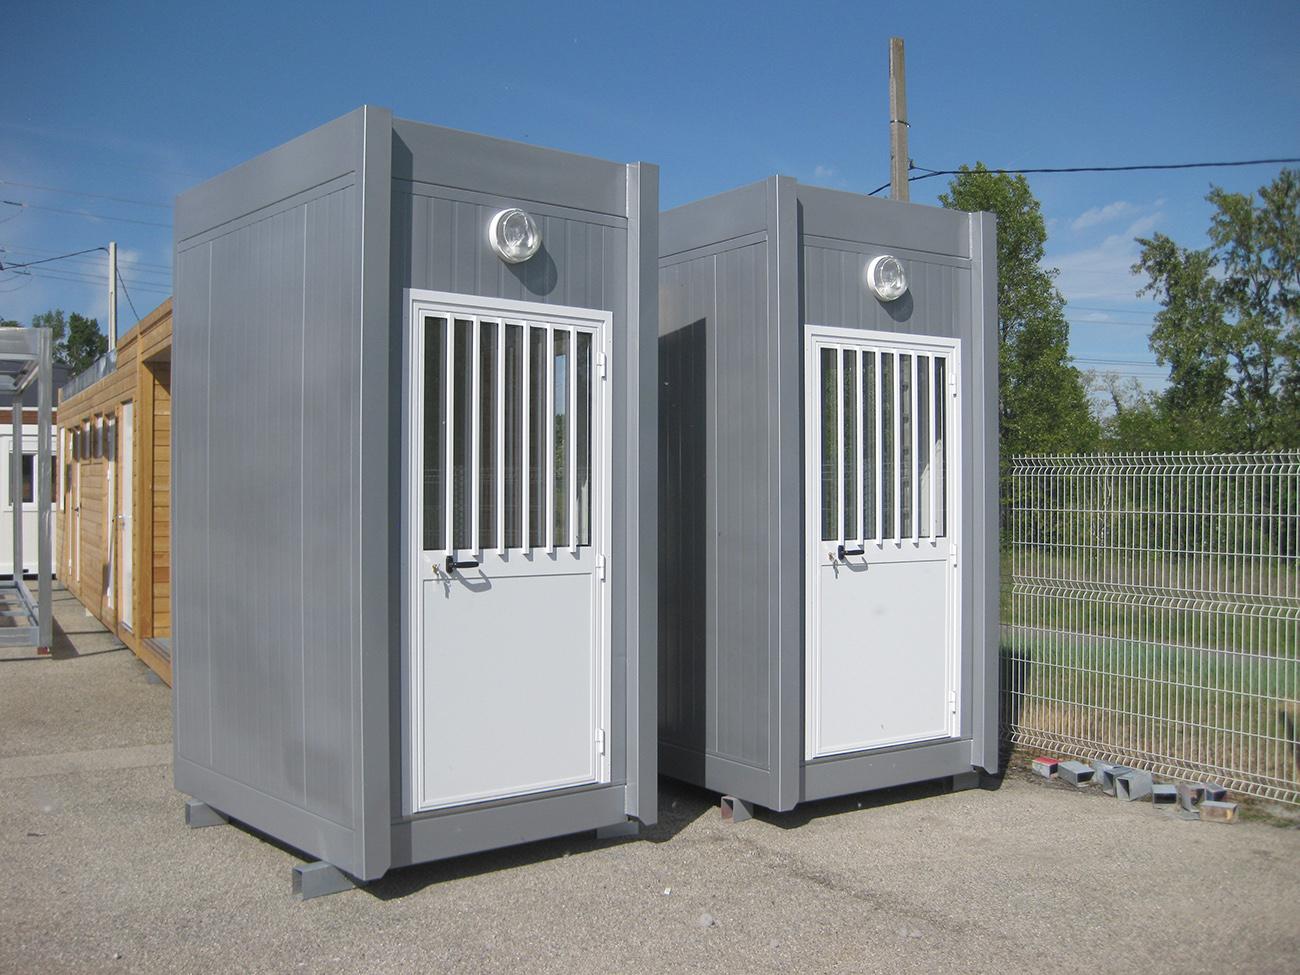 Postes de garde modulaires pour le parc des expositions de l'Ain